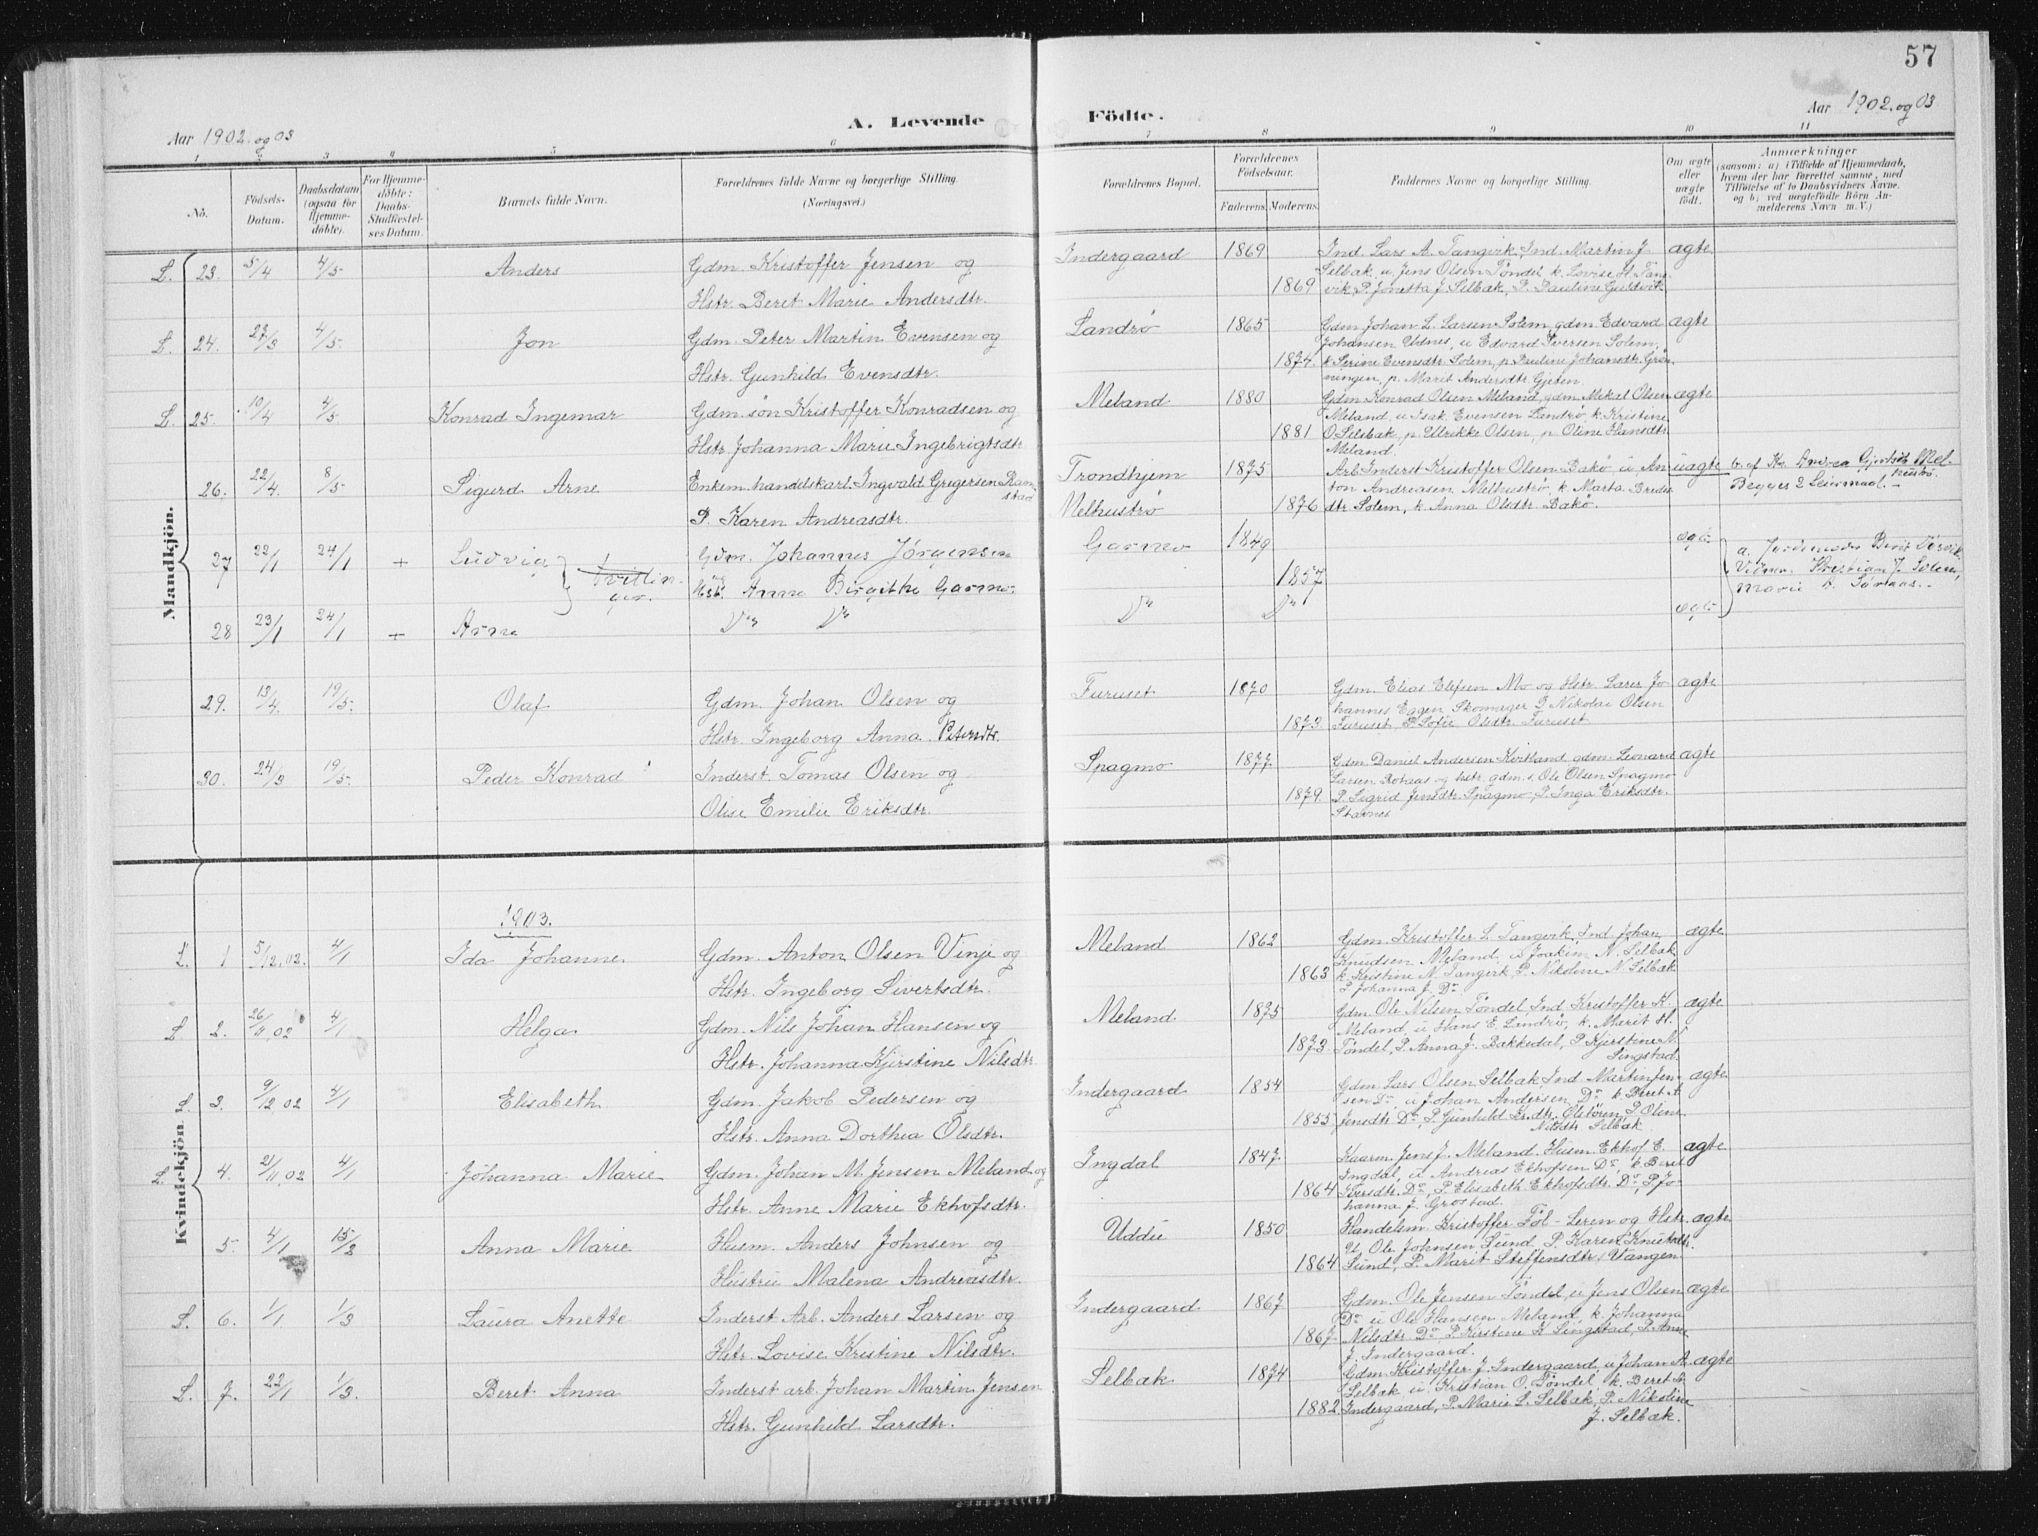 SAT, Ministerialprotokoller, klokkerbøker og fødselsregistre - Sør-Trøndelag, 647/L0635: Ministerialbok nr. 647A02, 1896-1911, s. 57